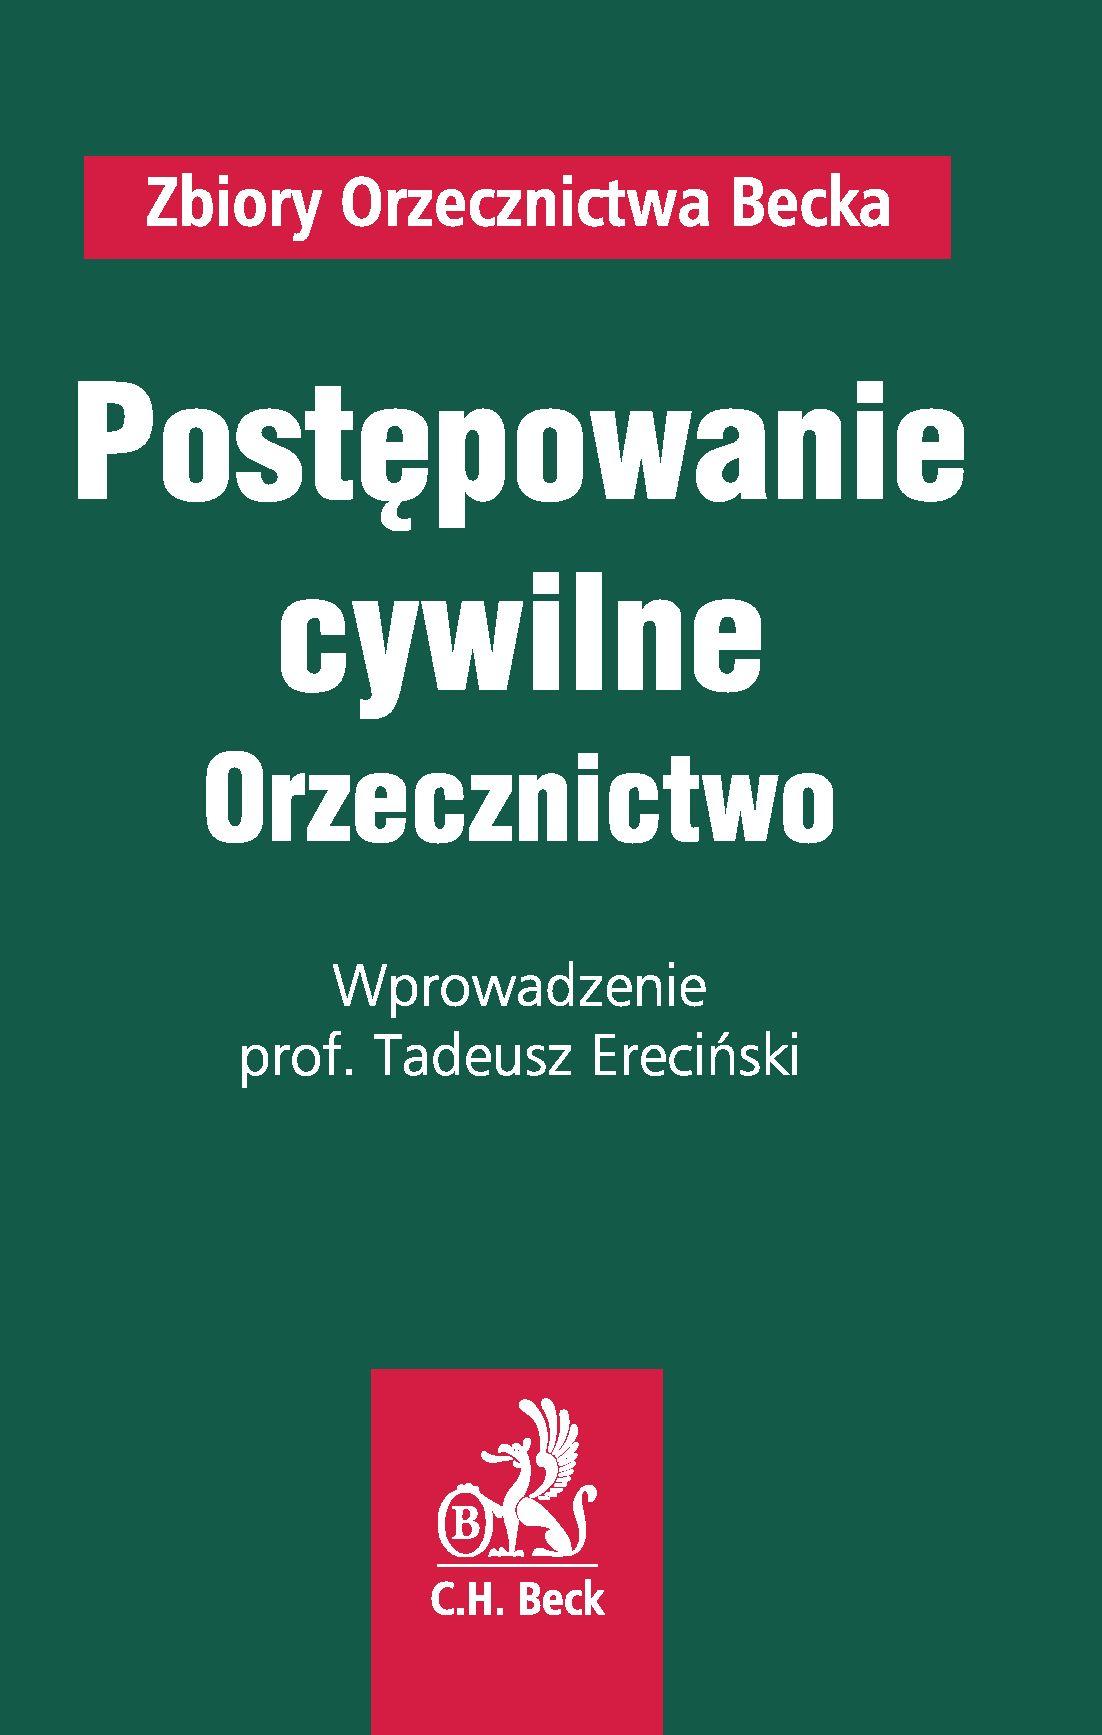 Postępowanie cywilne. Orzecznictwo - Ebook (Książka PDF) do pobrania w formacie PDF